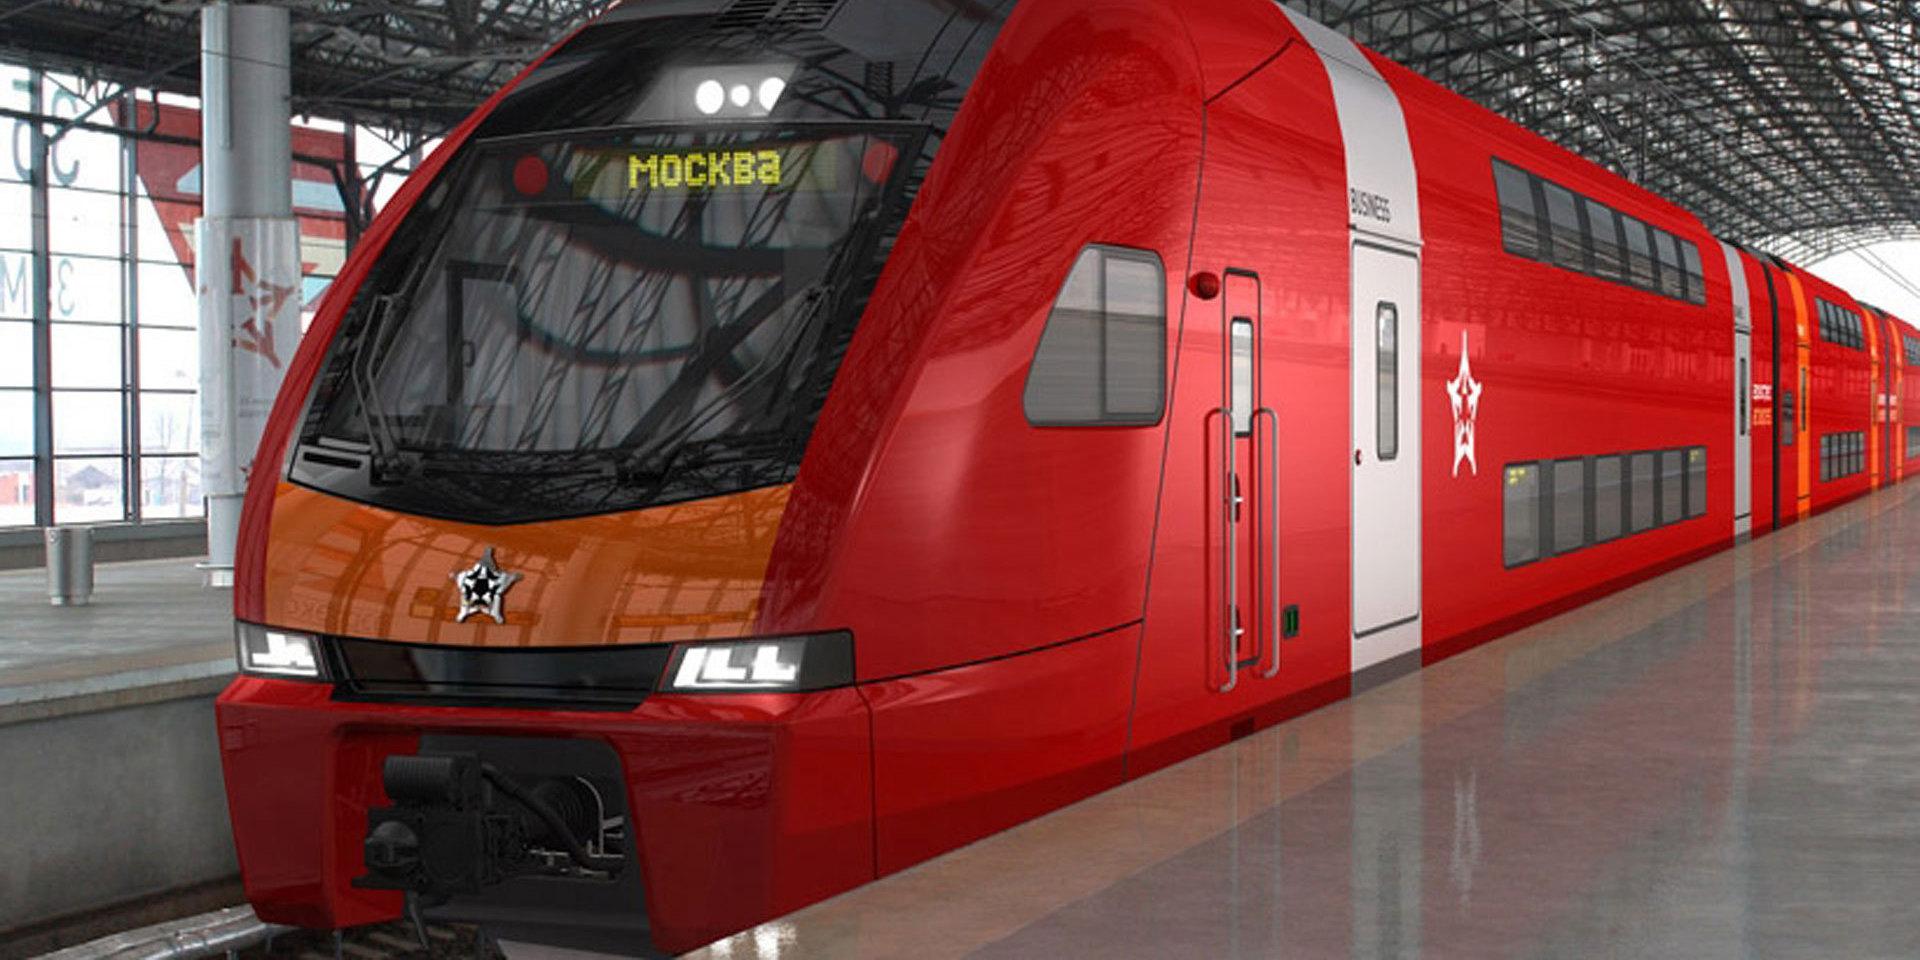 aeroexpress - В «Домодедово» появились двухэтажные «Аэроэкспрессы»